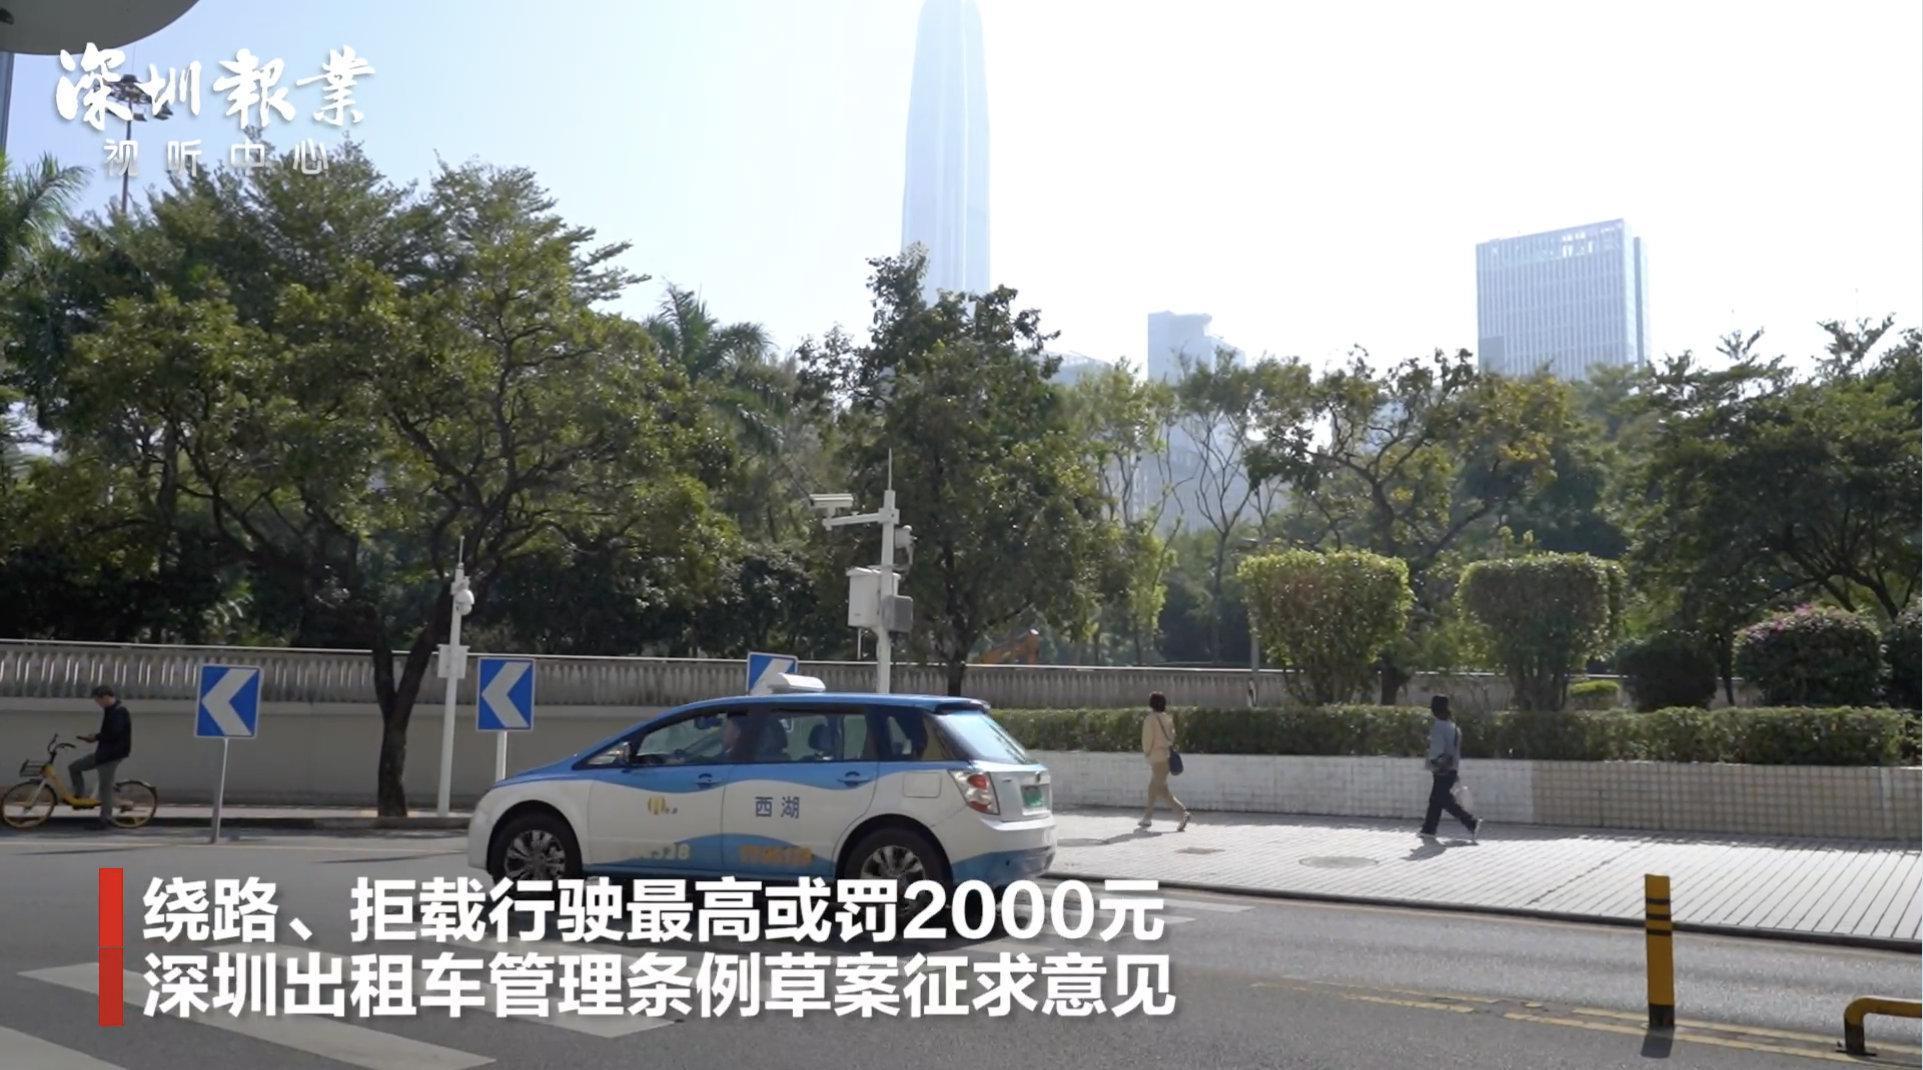 绕路拒载行驶最高或罚2000元 深圳出租车管理条例草案征求意见